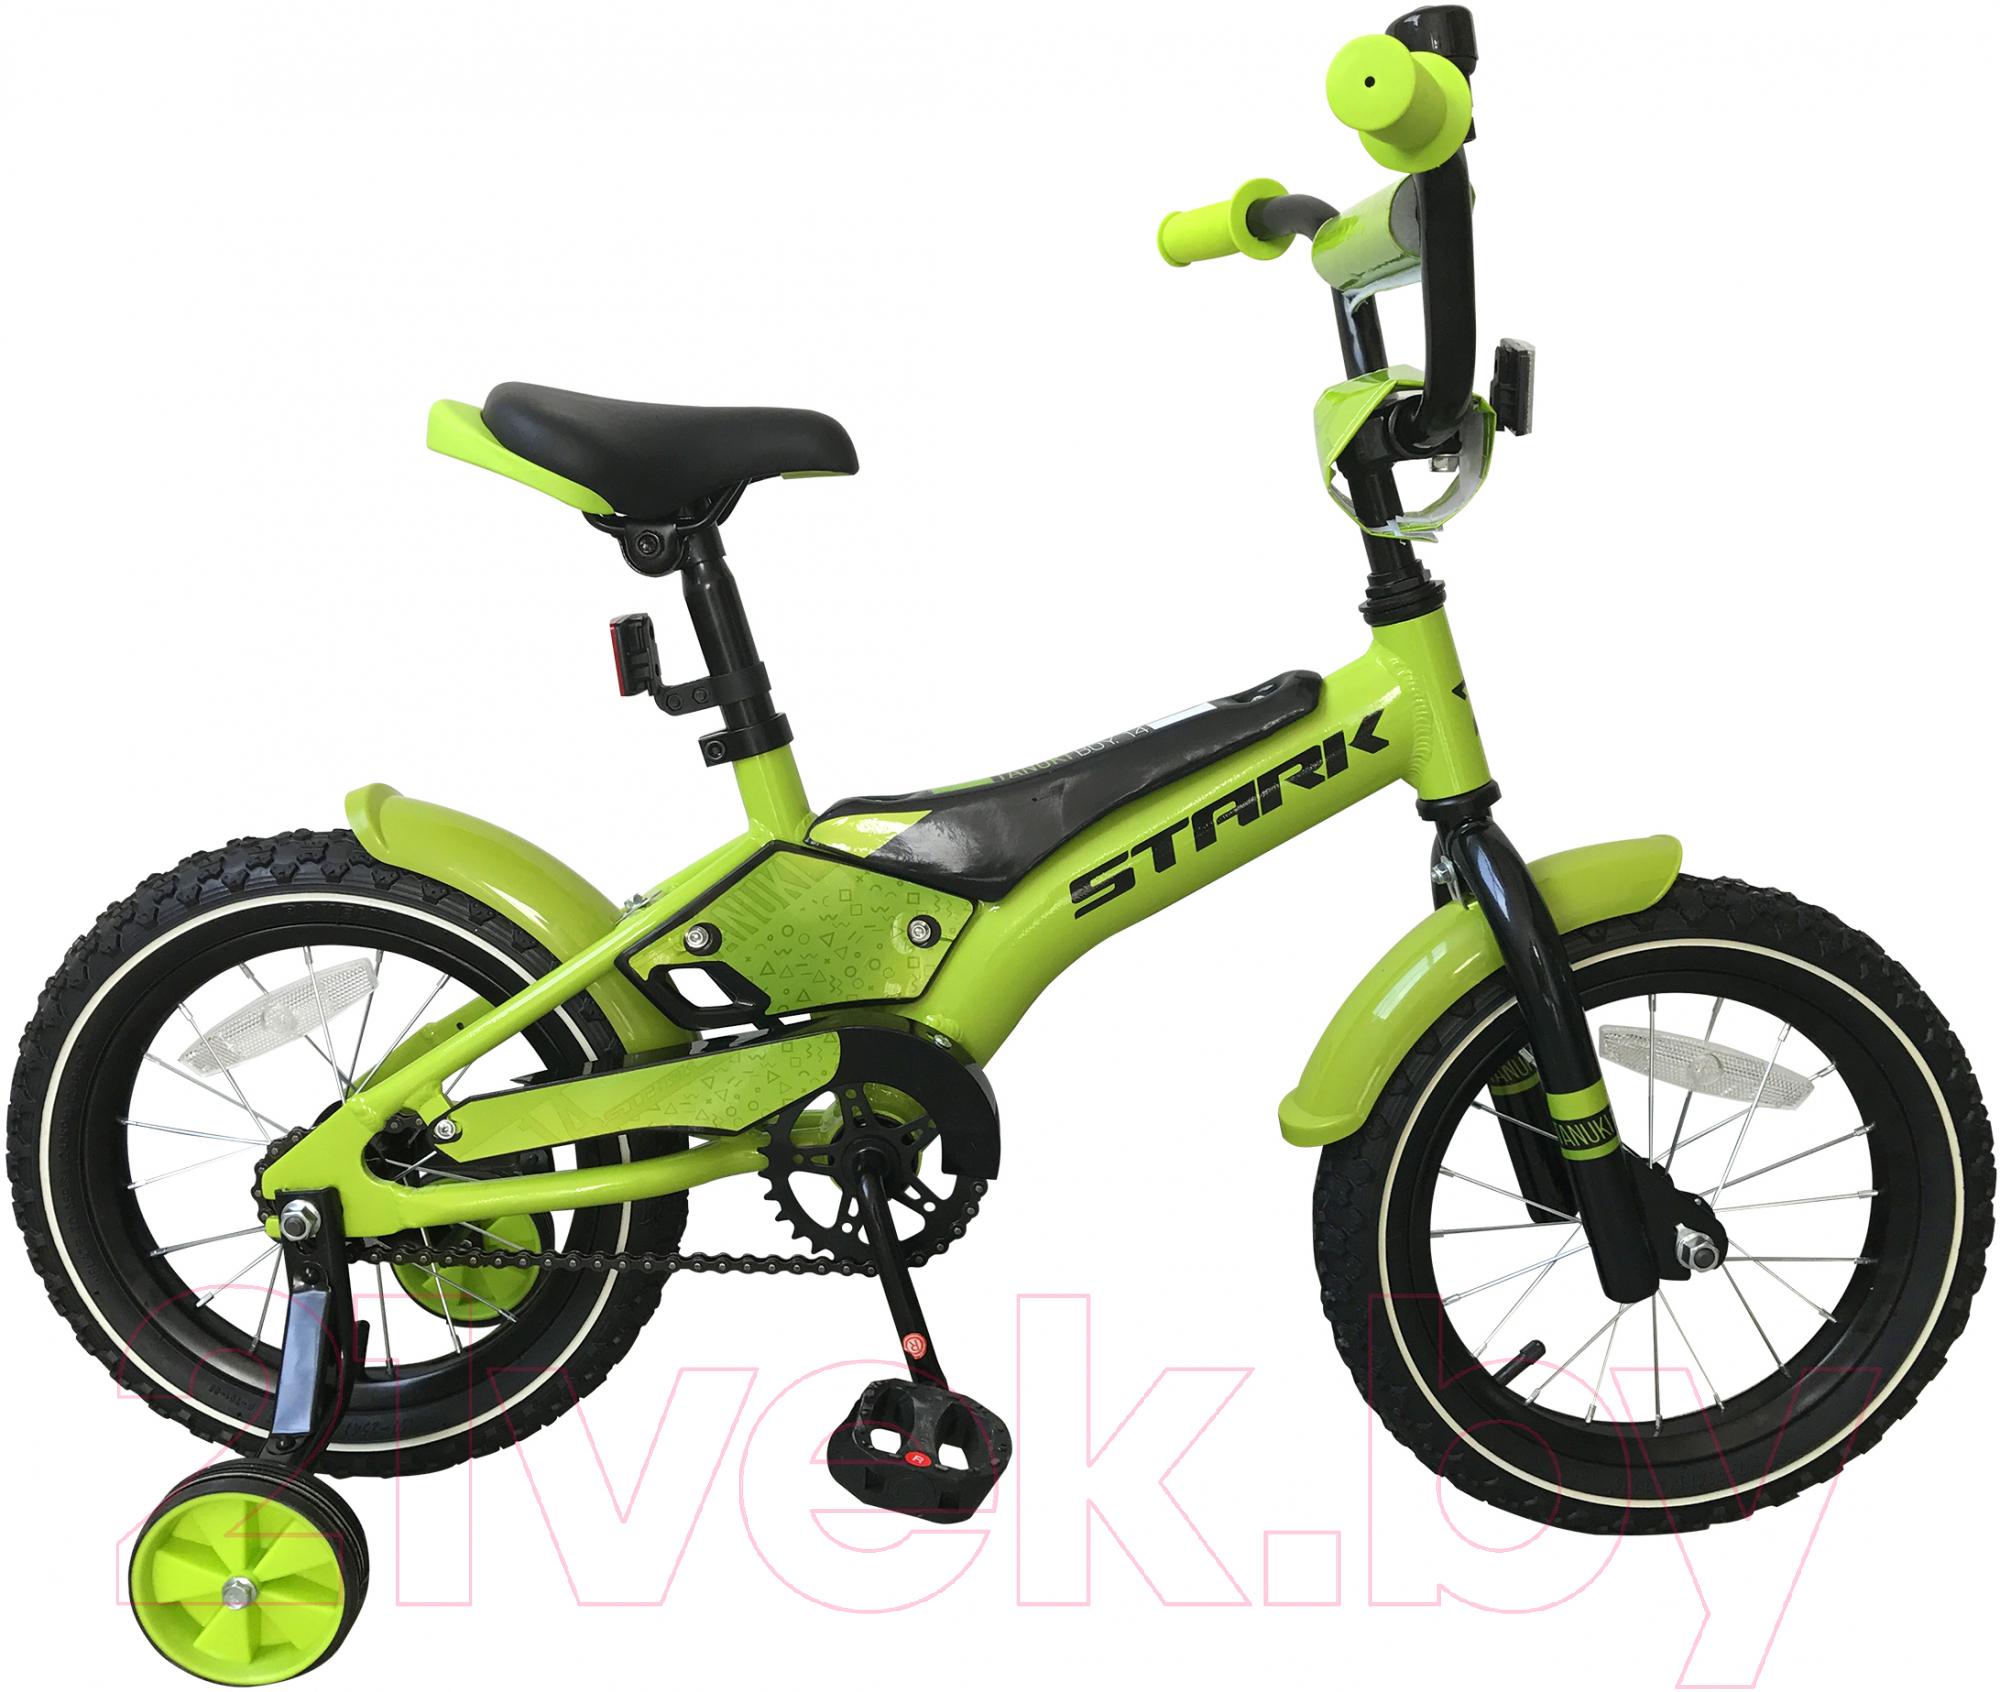 Купить Детский велосипед STARK, Tanuki 14 Boy 2019 (зеленый/черный), Россия